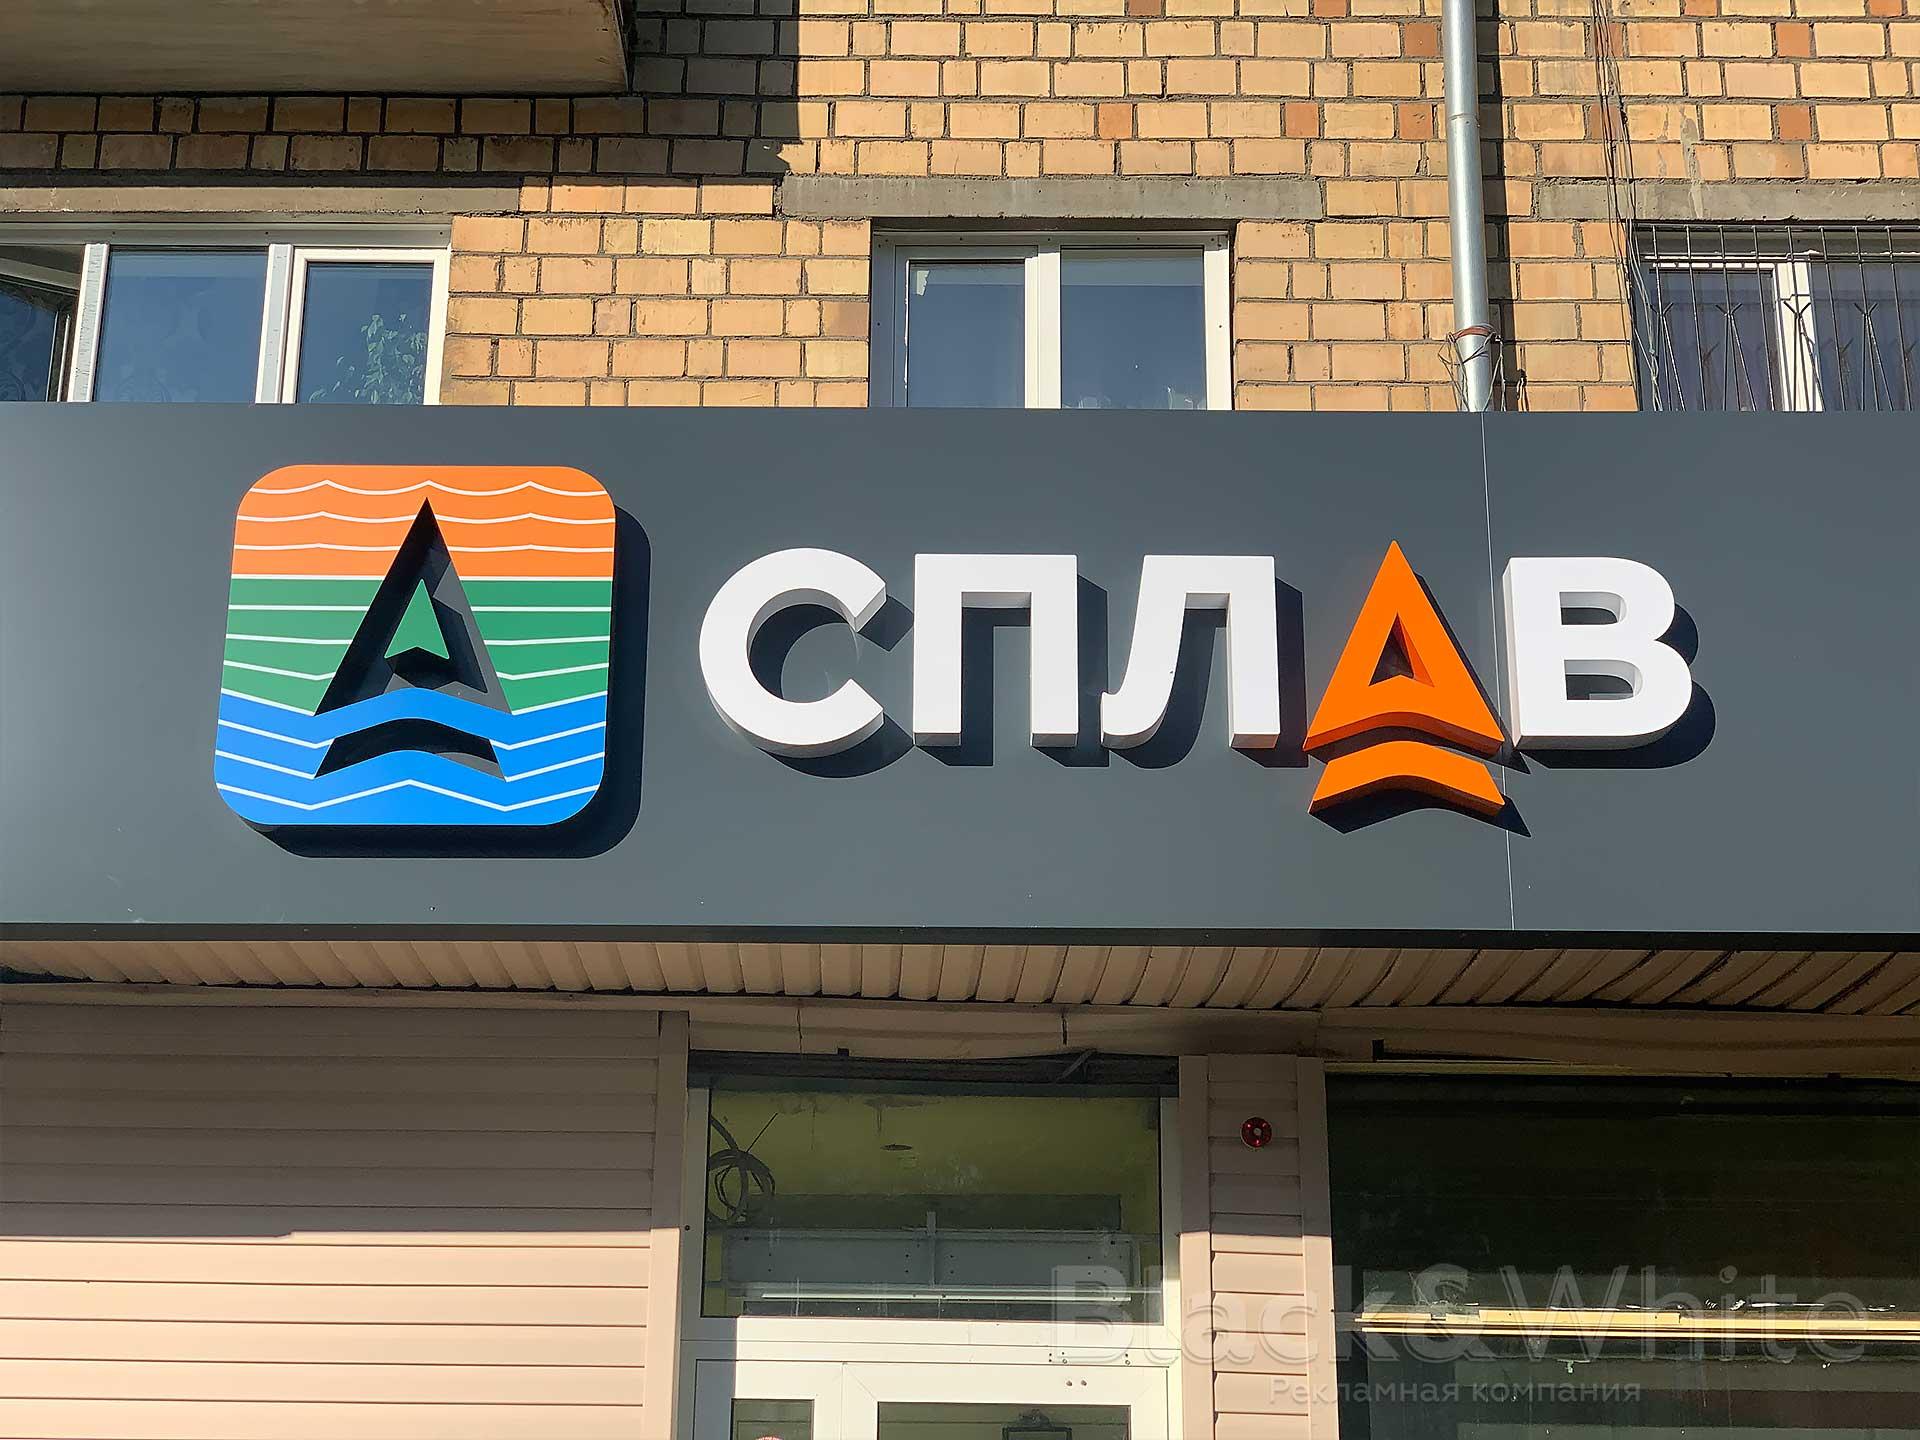 Оформление-фасада-рекламой-для-магазина-Сплав.jpg